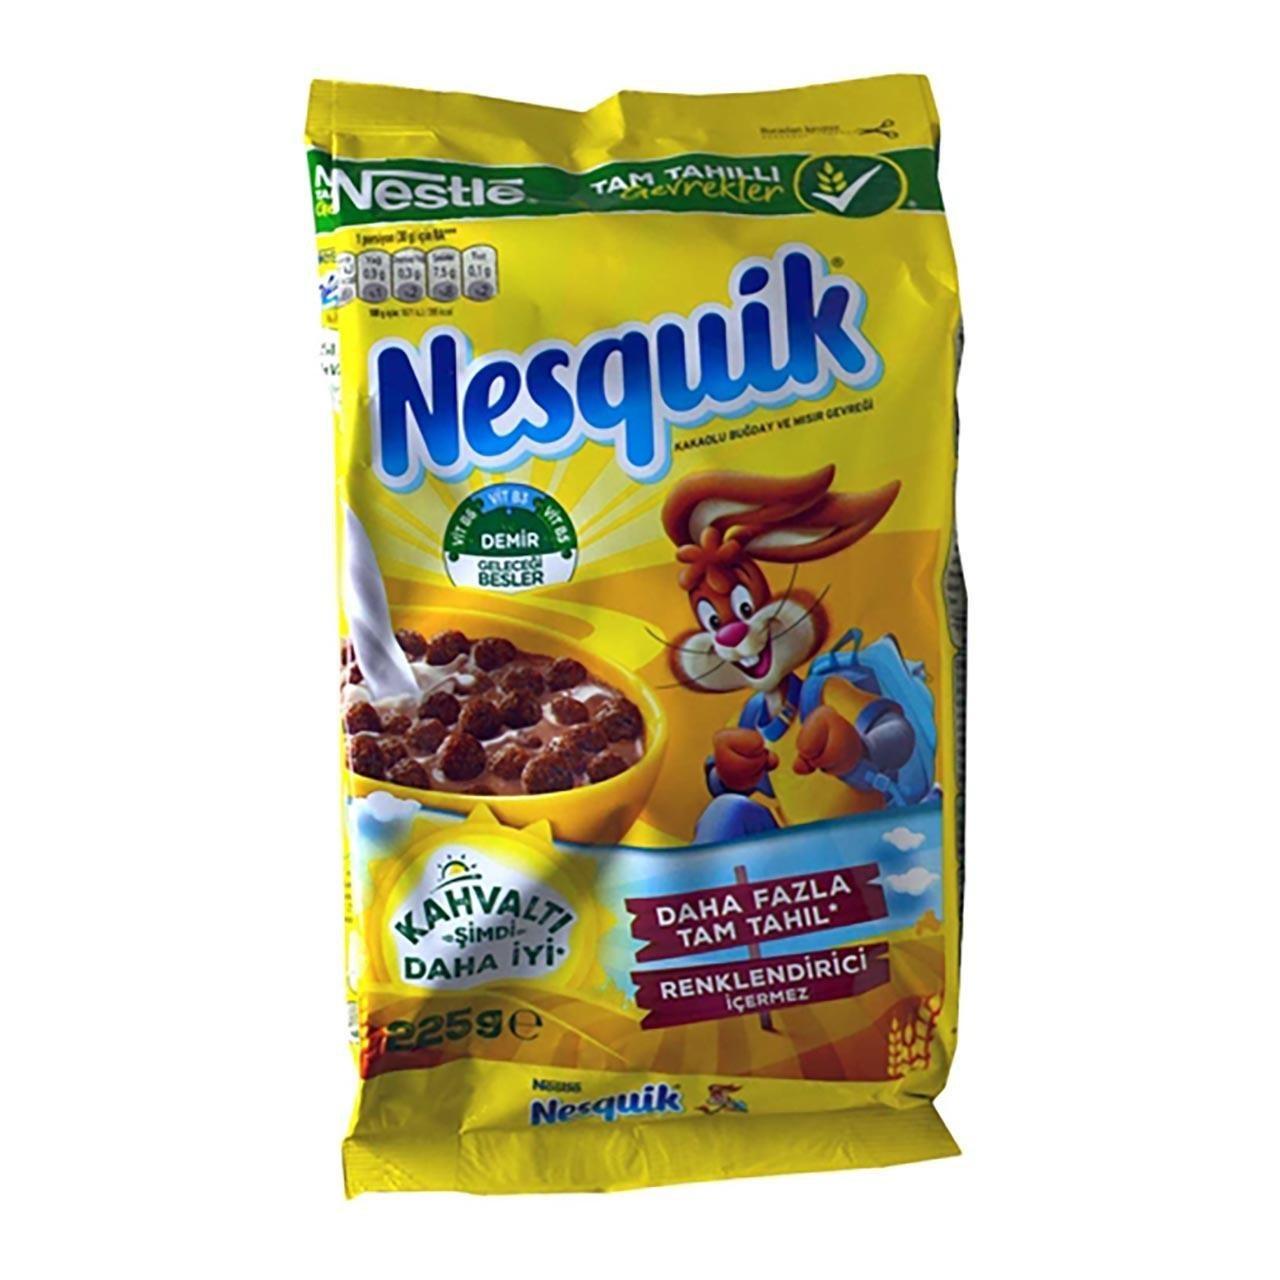 تصویر کورن فلکس شکلاتی توپی نسکوئیک Nesquik Nesquick Chocolate cornflakes